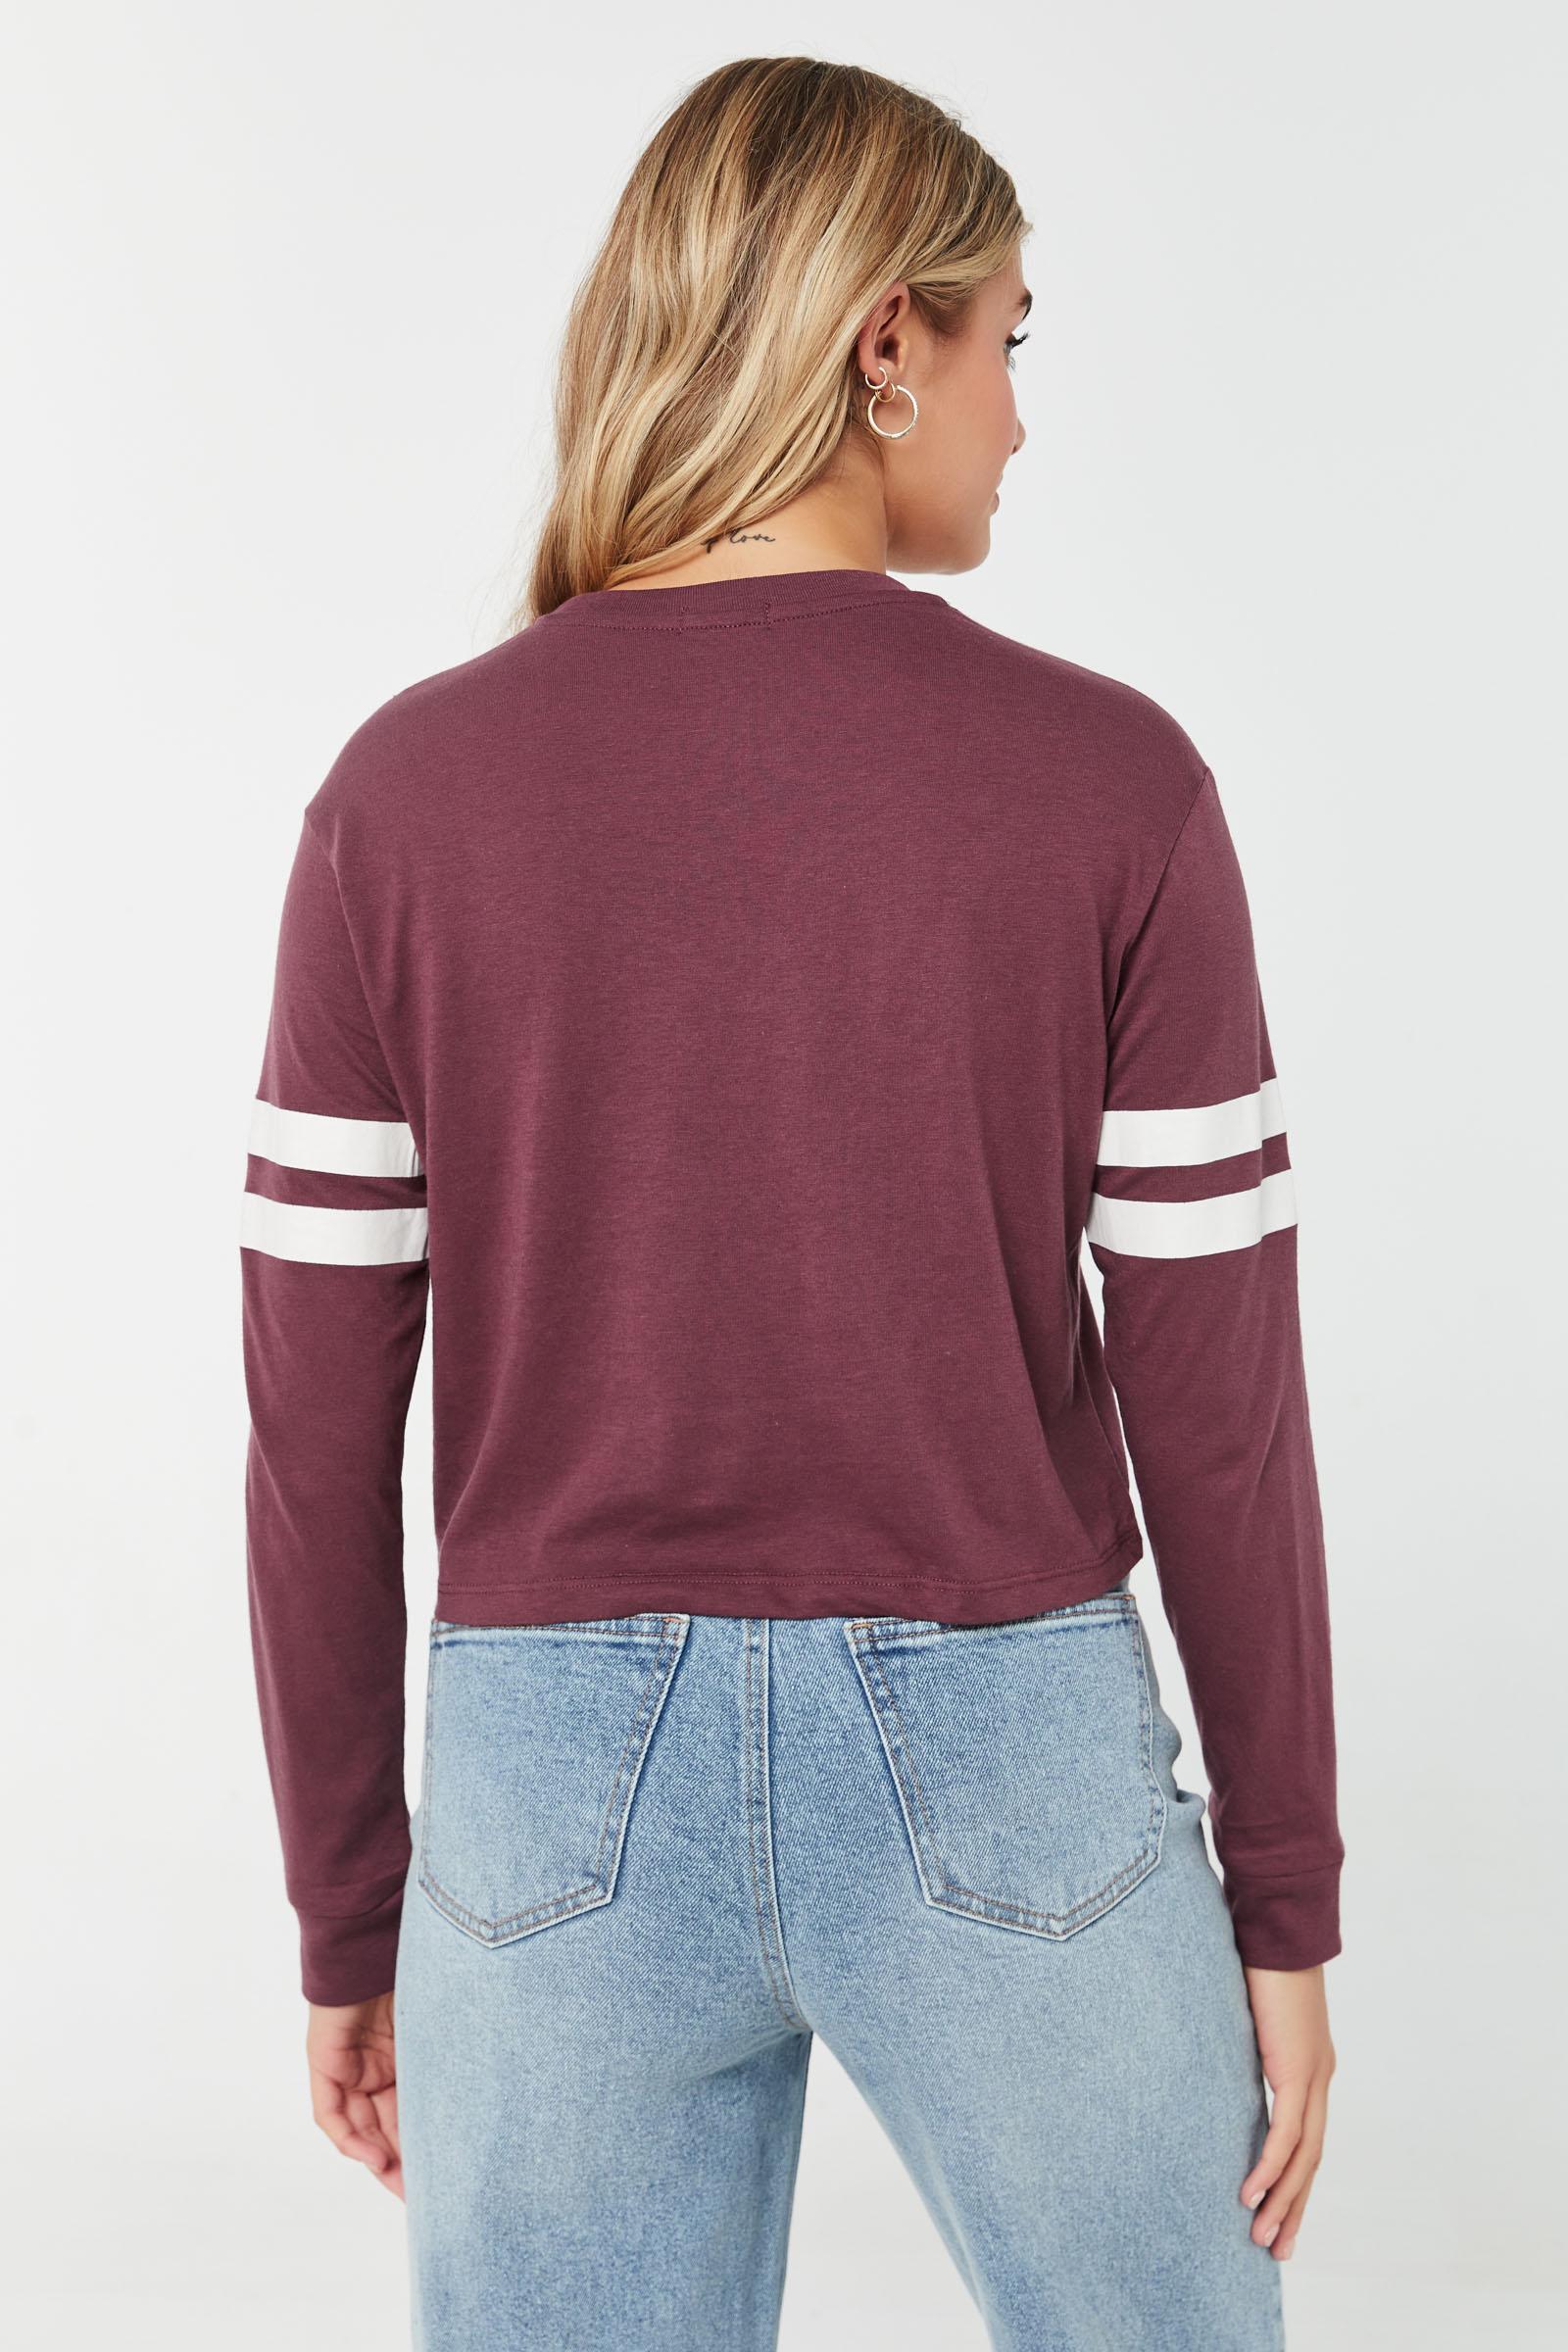 T-shirt carré court à manches longues